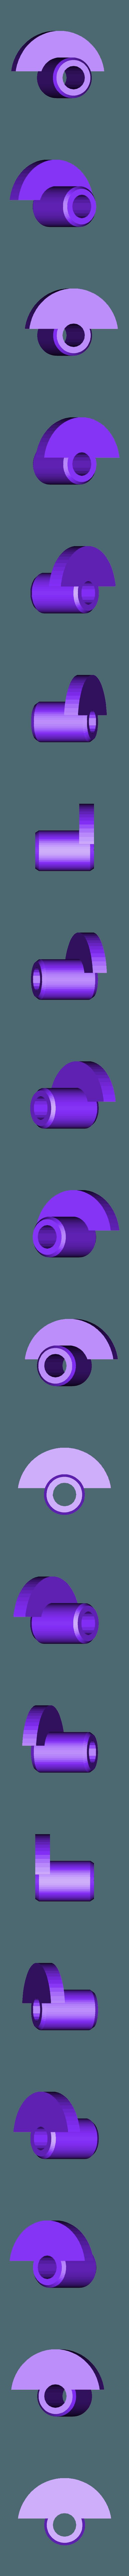 Tapon_Tubo_Anet.stl Télécharger fichier STL gratuit Un fort détenteur de 4 bobines • Design pour impression 3D, dancingchicken